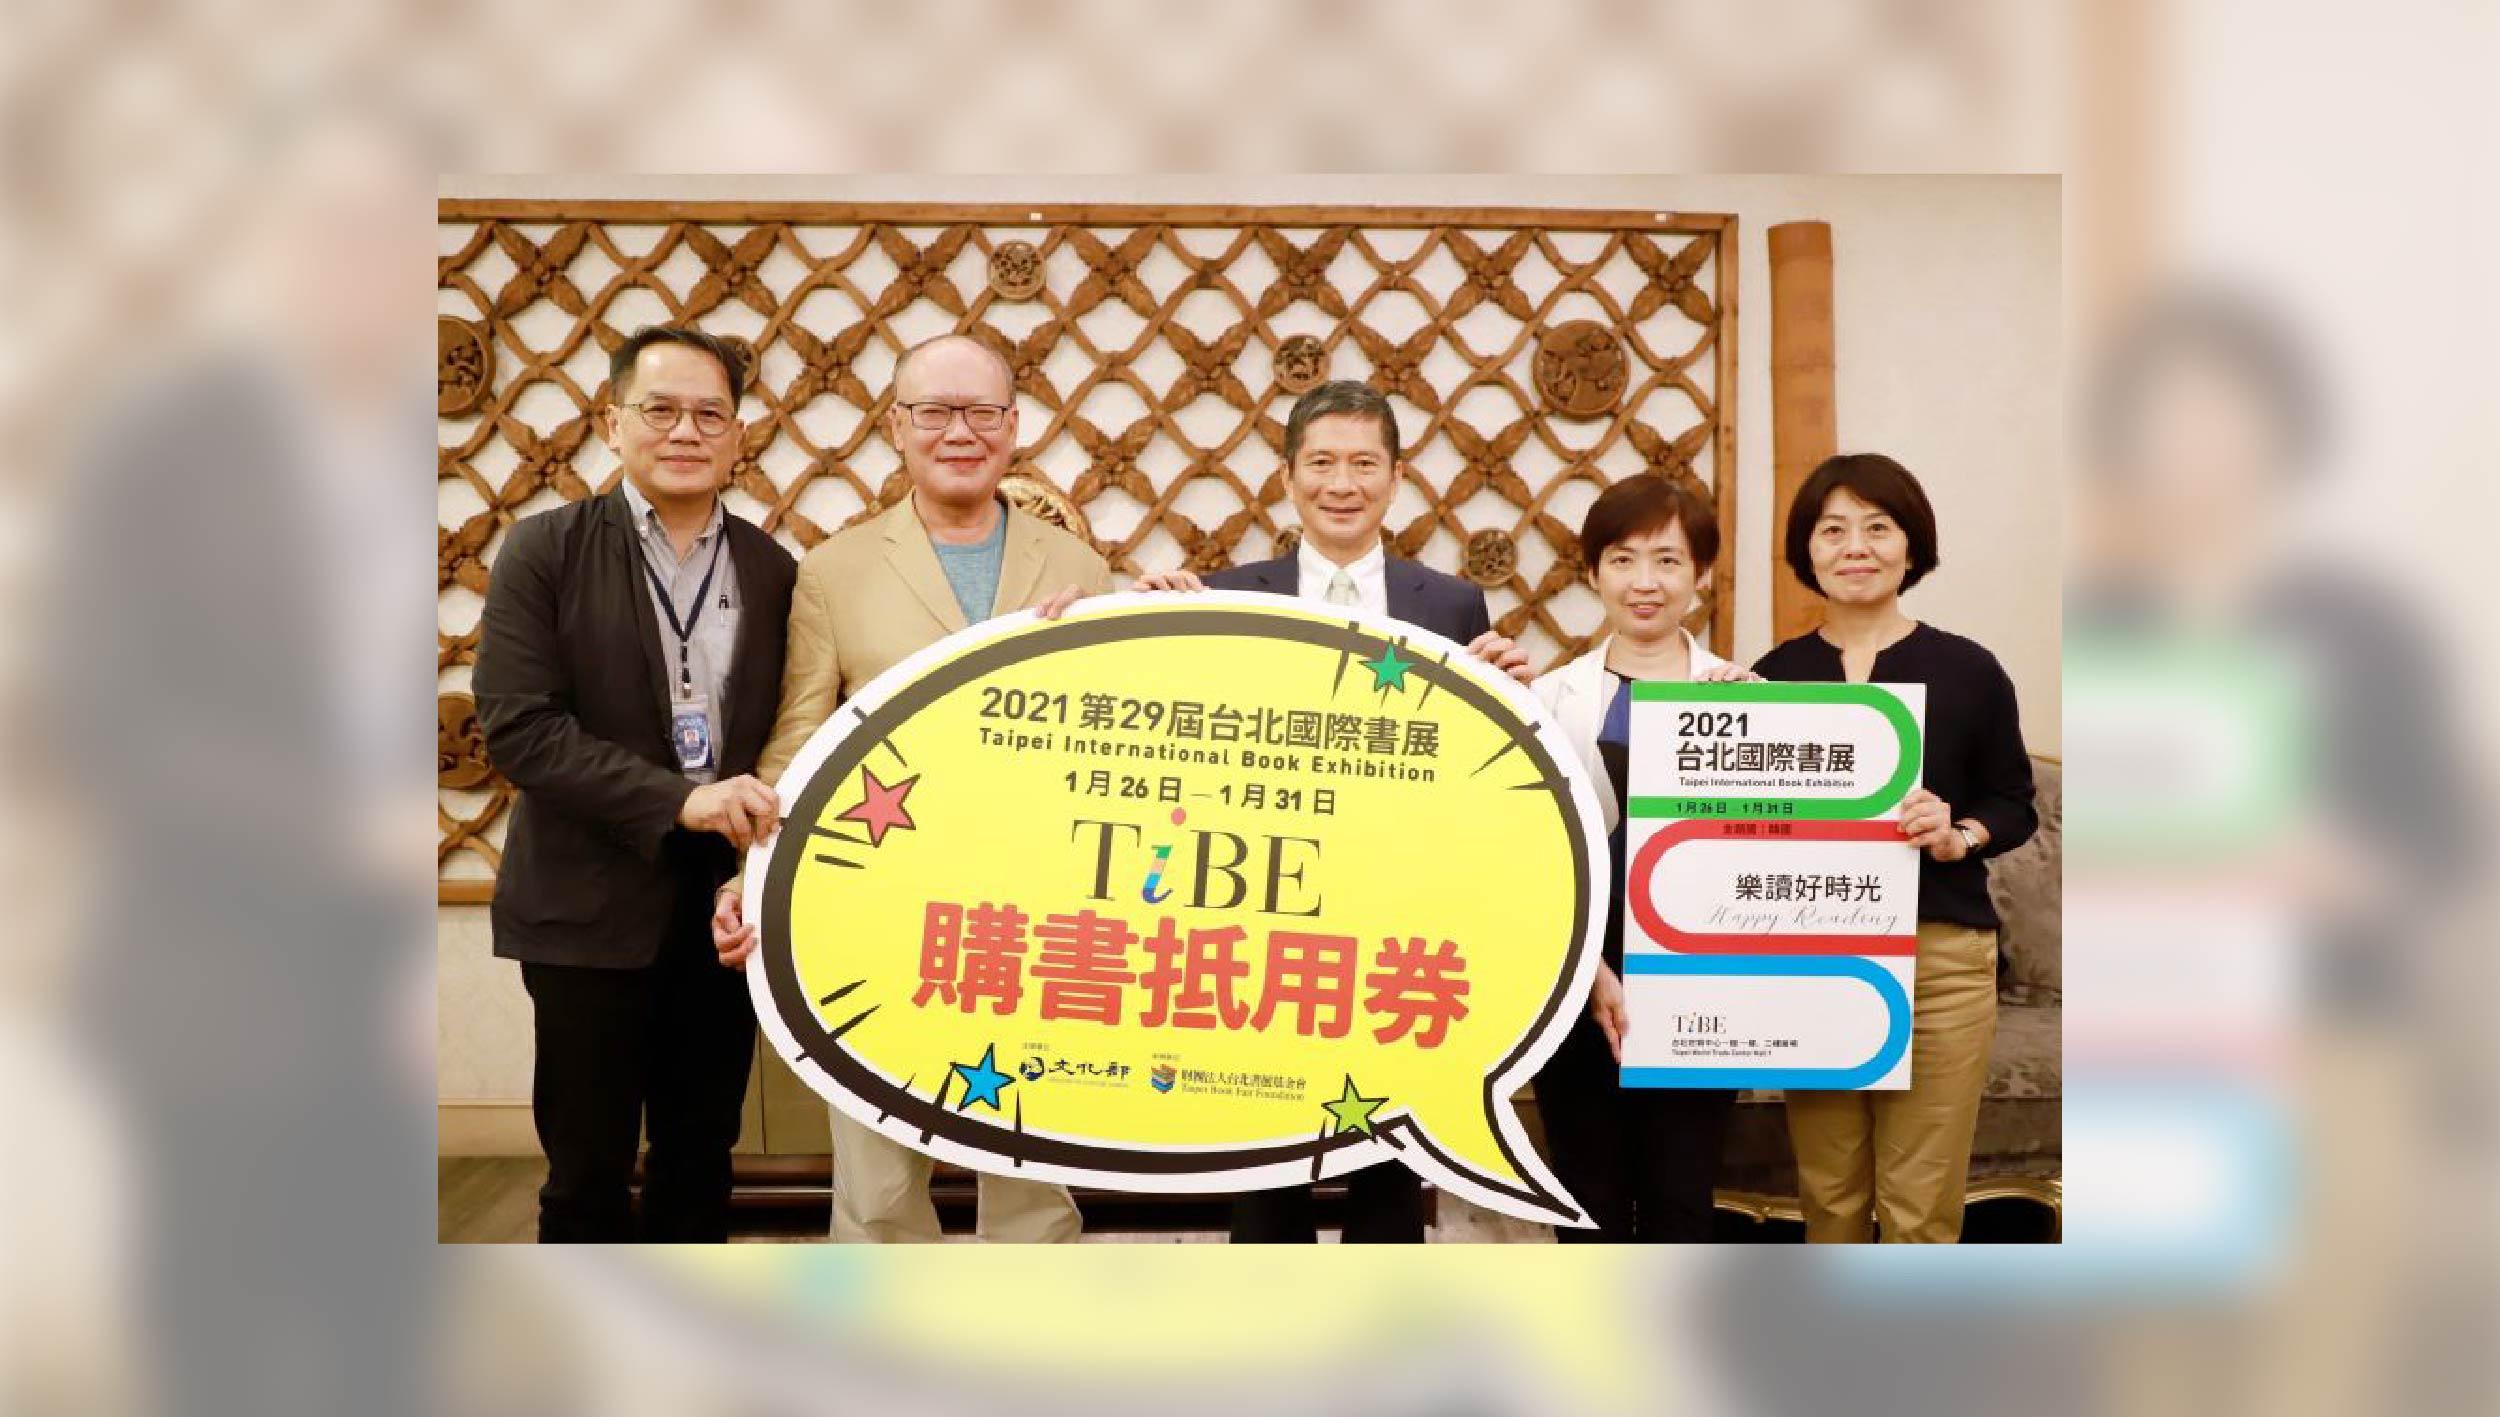 文化部首度推出「TiBE購書抵用劵」 邀你參與2021台北國際書展